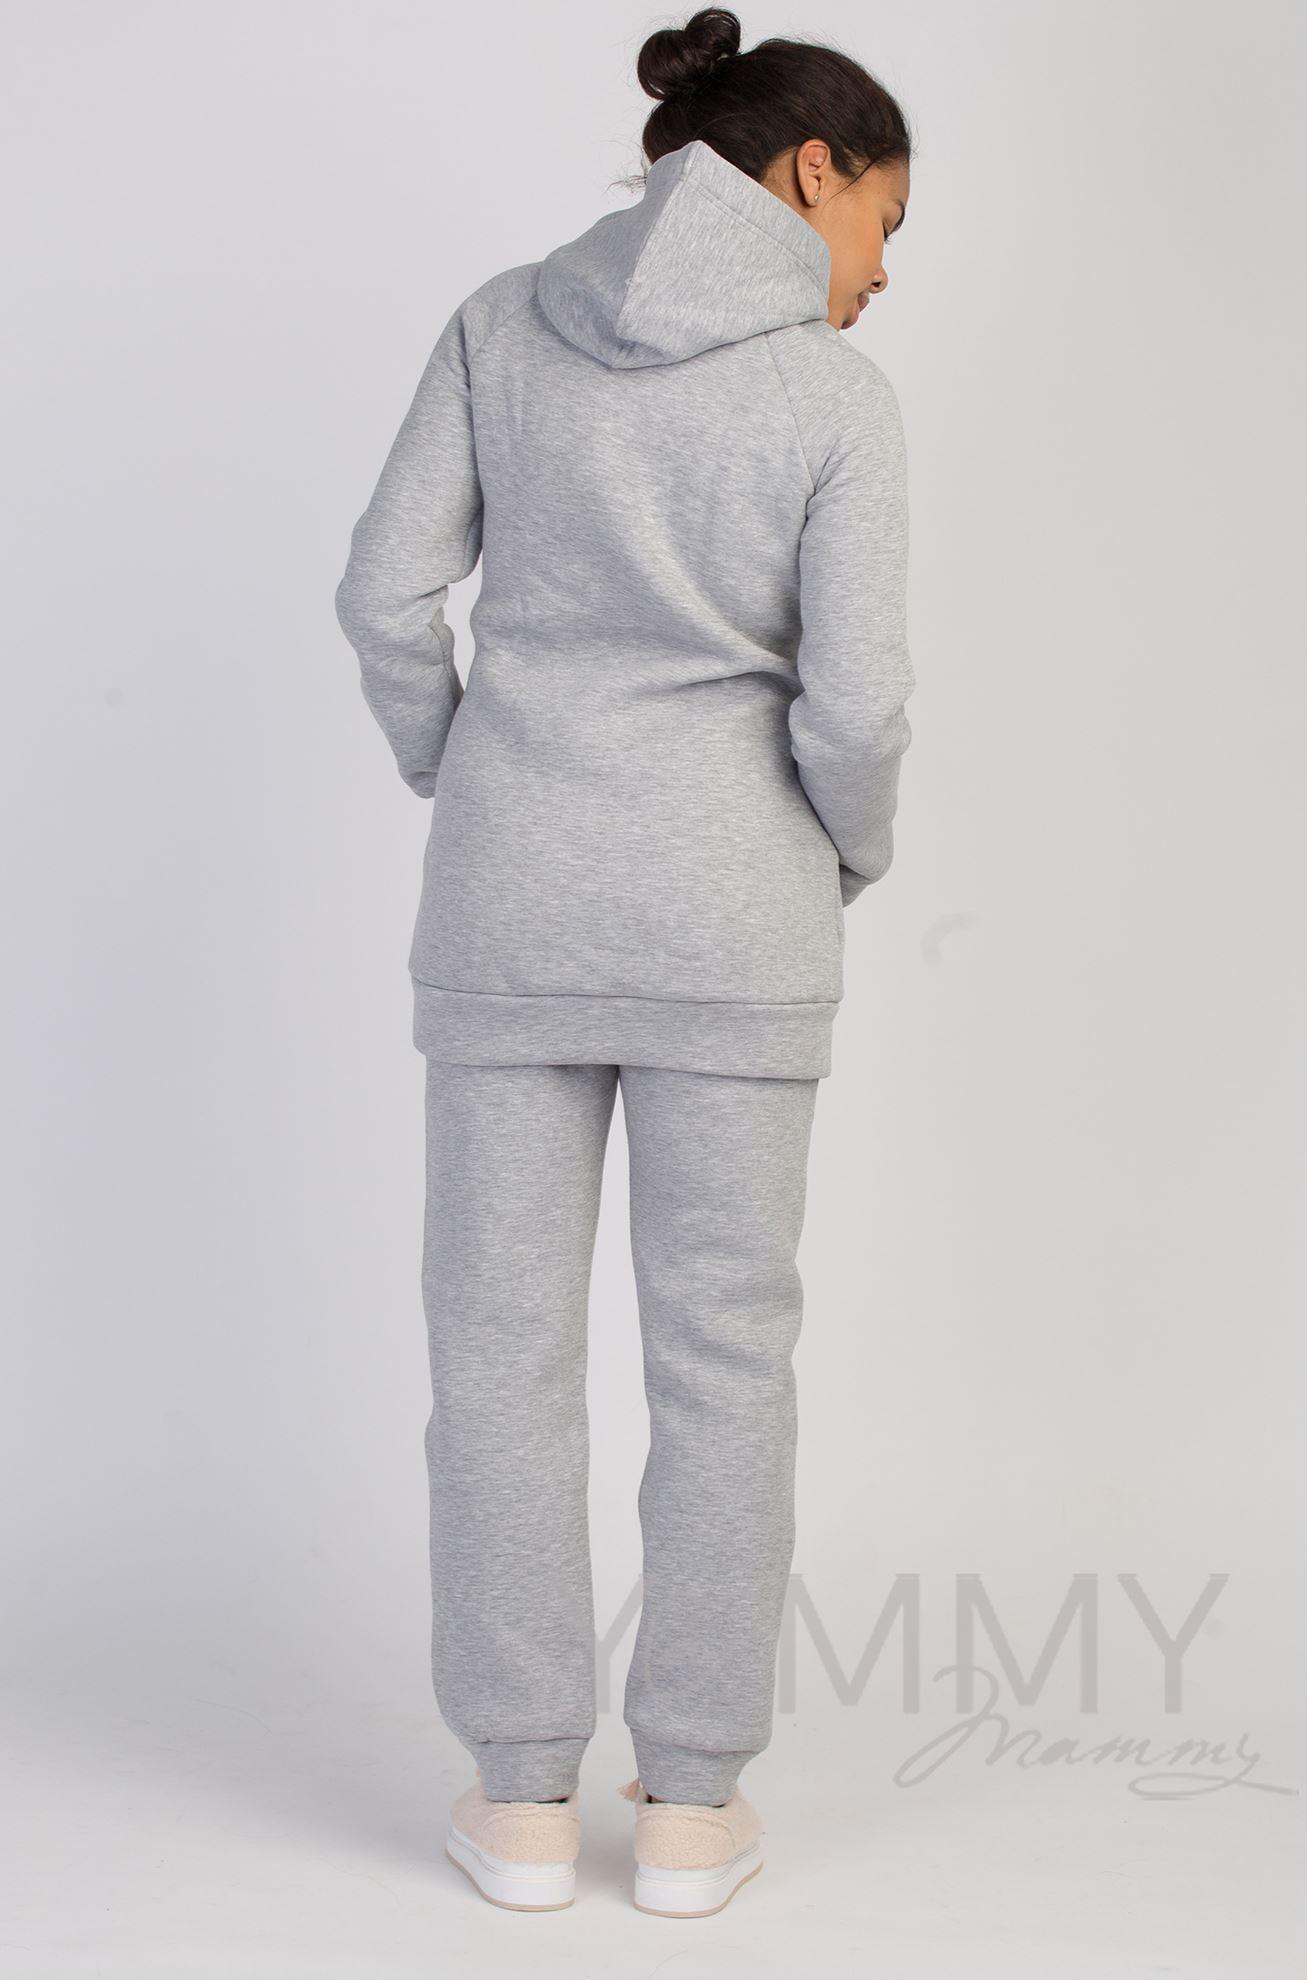 Изображение                               Универсальные брюки с начесом серый меланж